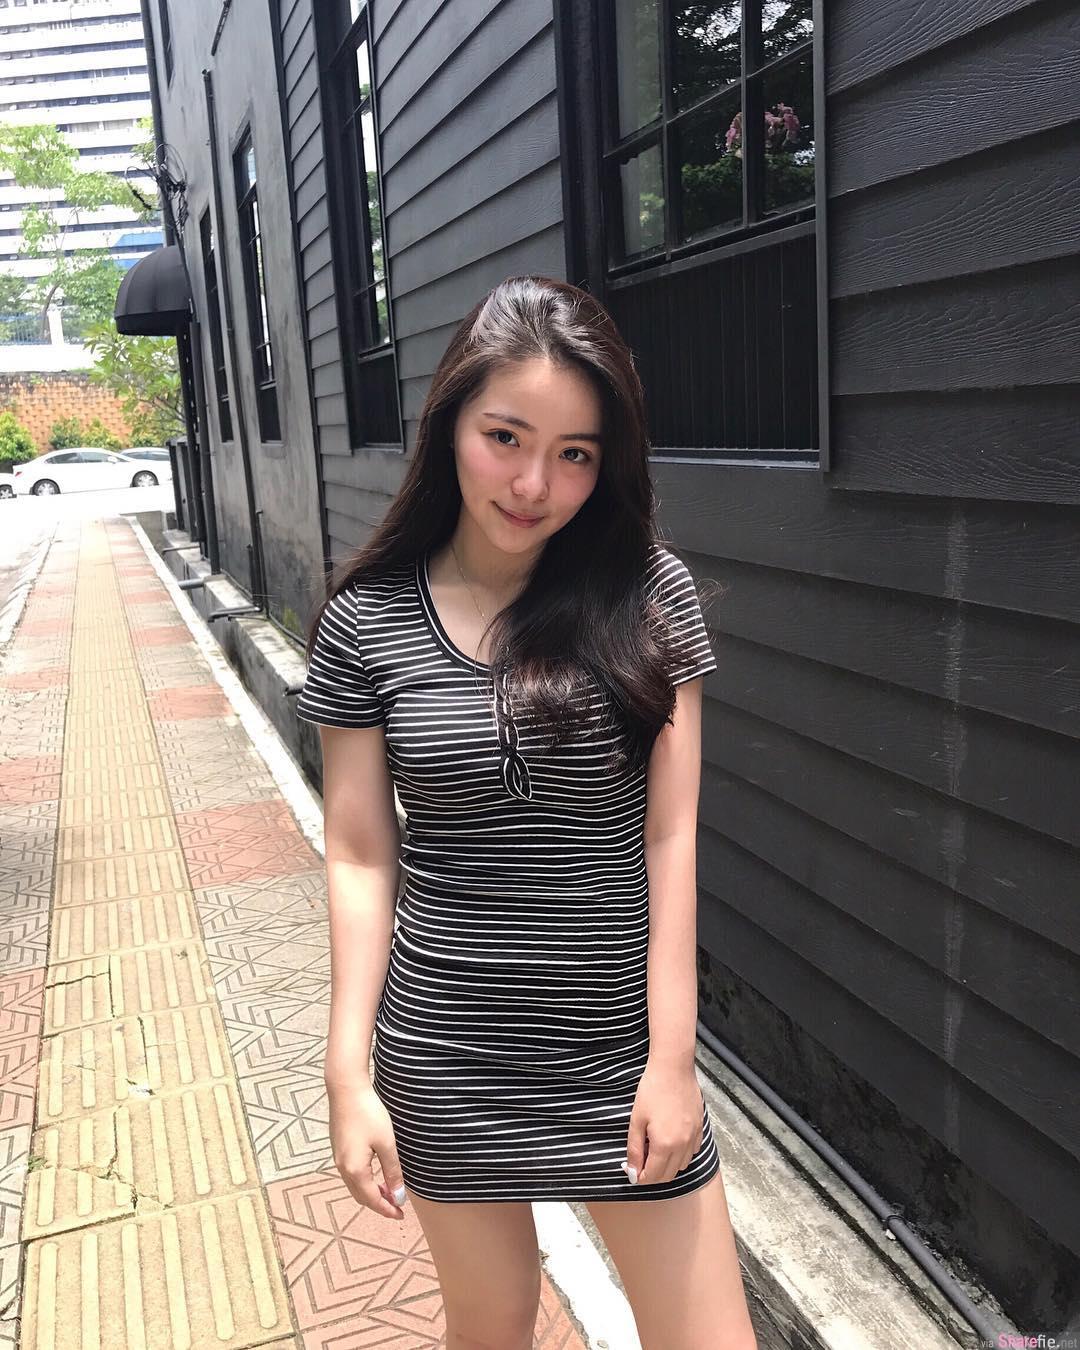 大马正妹JANICE陈依婷,气质女神